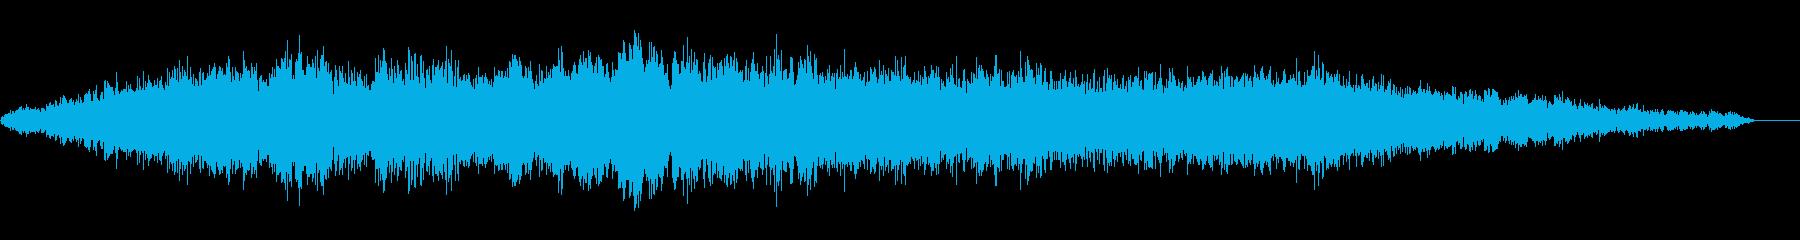 【ダークアンビエント】サキュバスの神殿の再生済みの波形